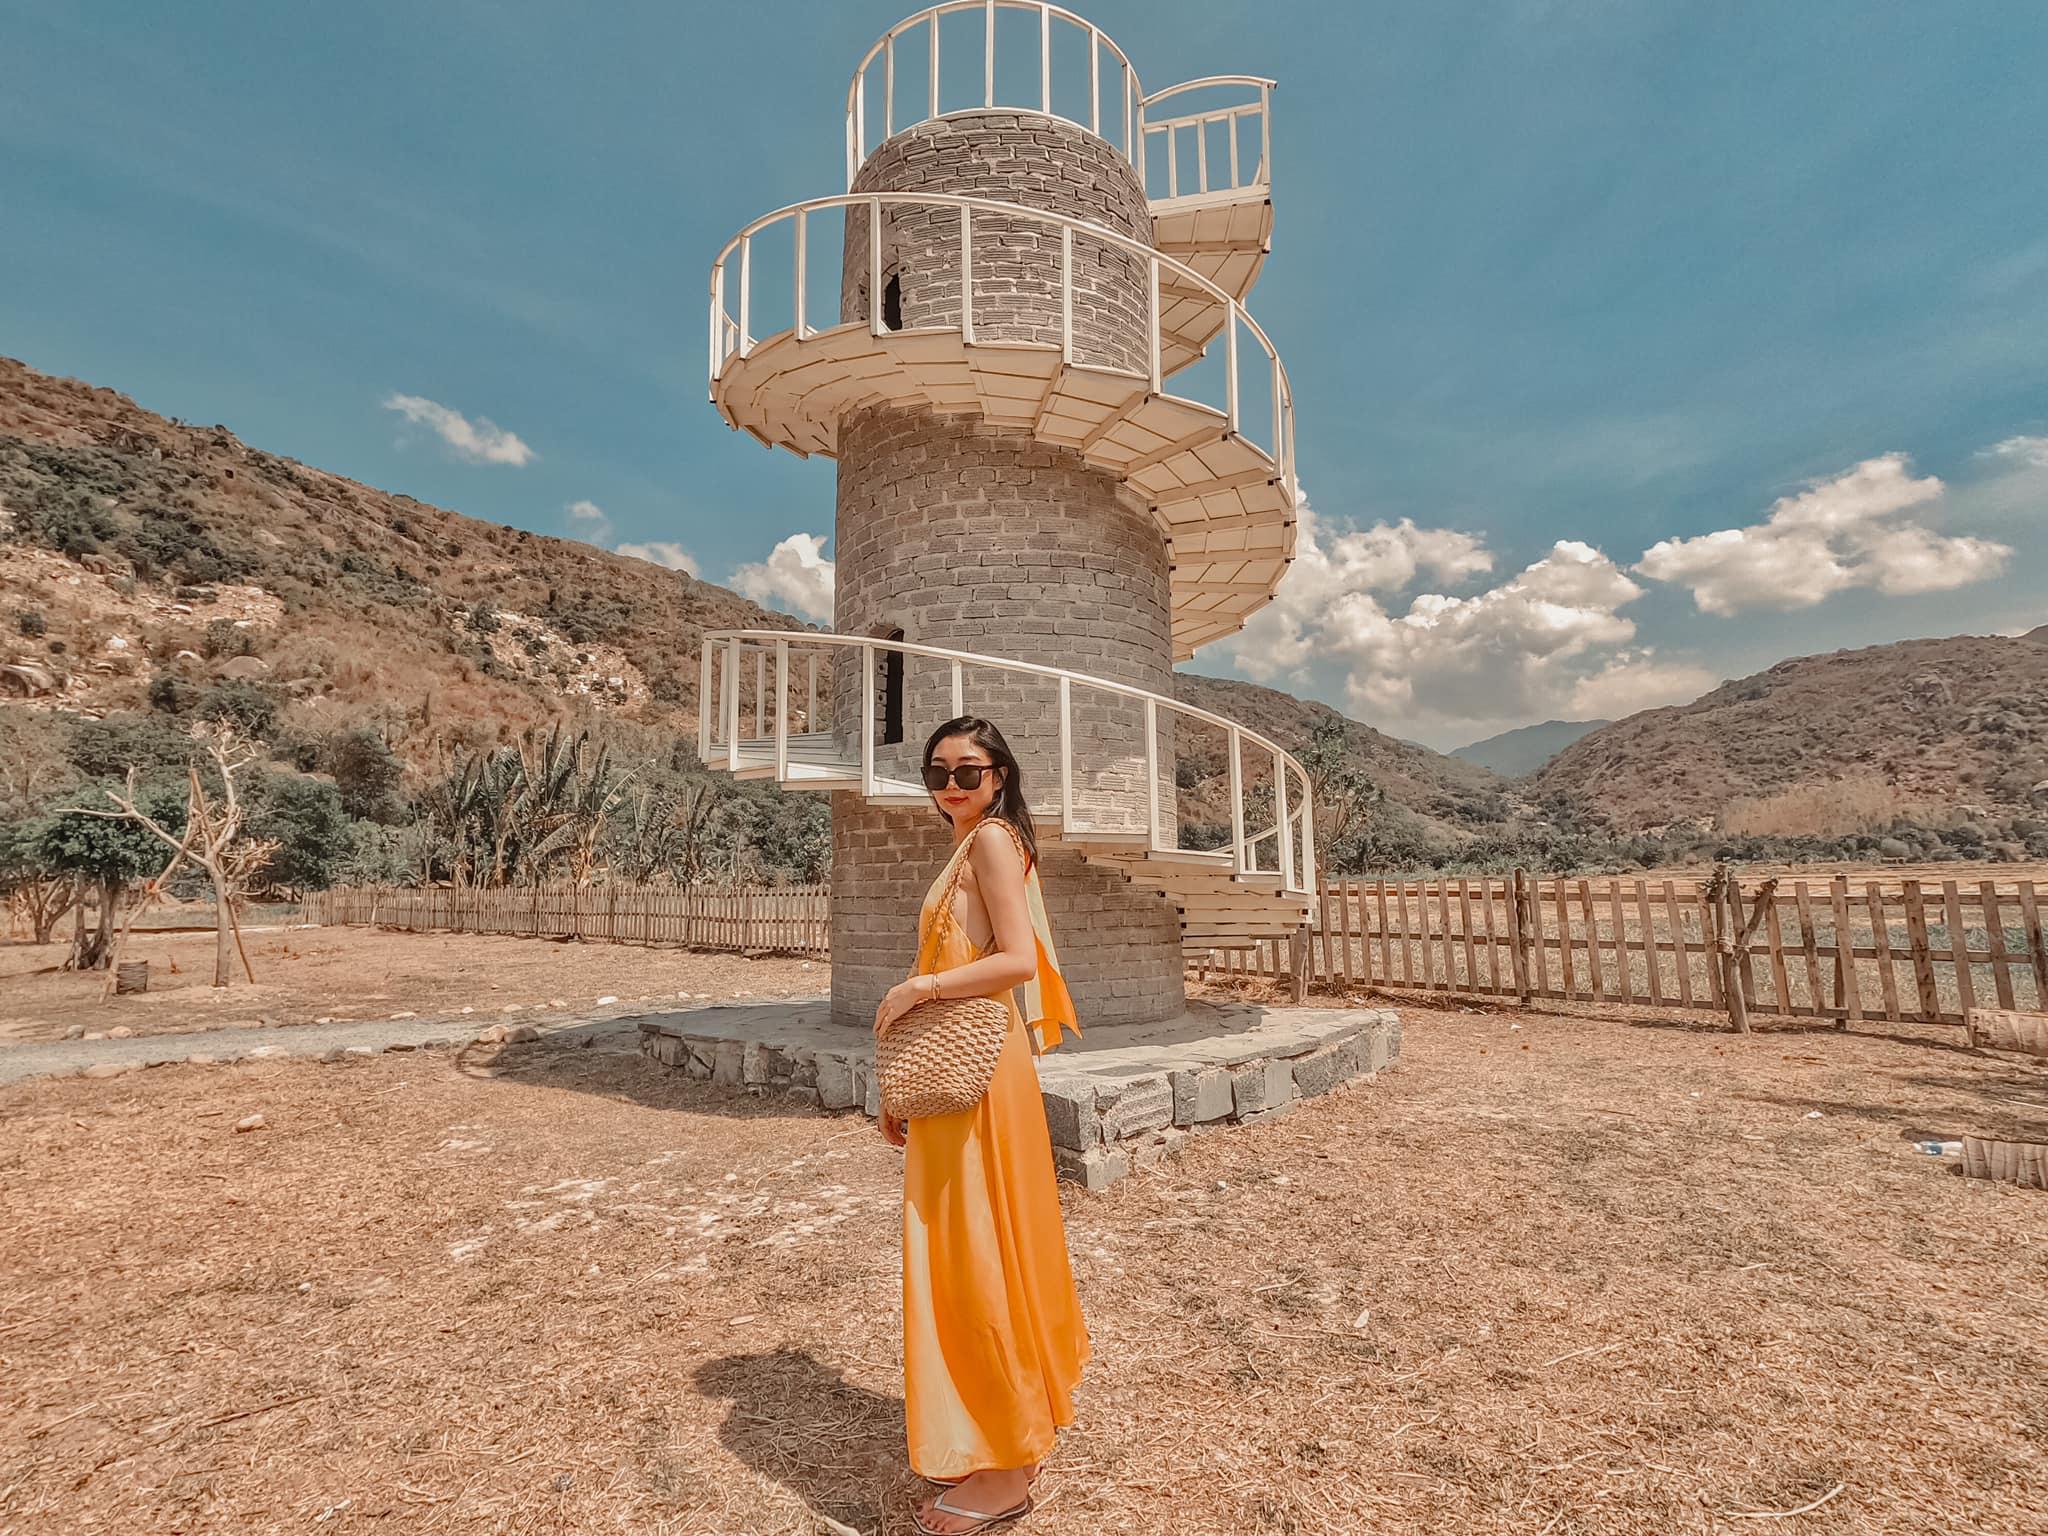 Tour du lịch Nha Trang khởi hành từ Hà Nội: Giảm giá sốc nhiều gói tour trong dịp hè này  - Ảnh 16.